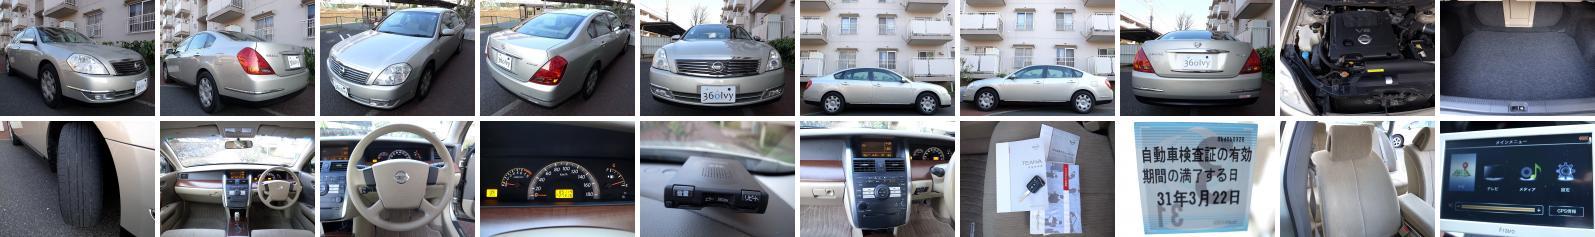 【中古車】 【SOLDOUT】NISSAN 後期型ティアナ 平成18年式 車検平成31年3月22日まで